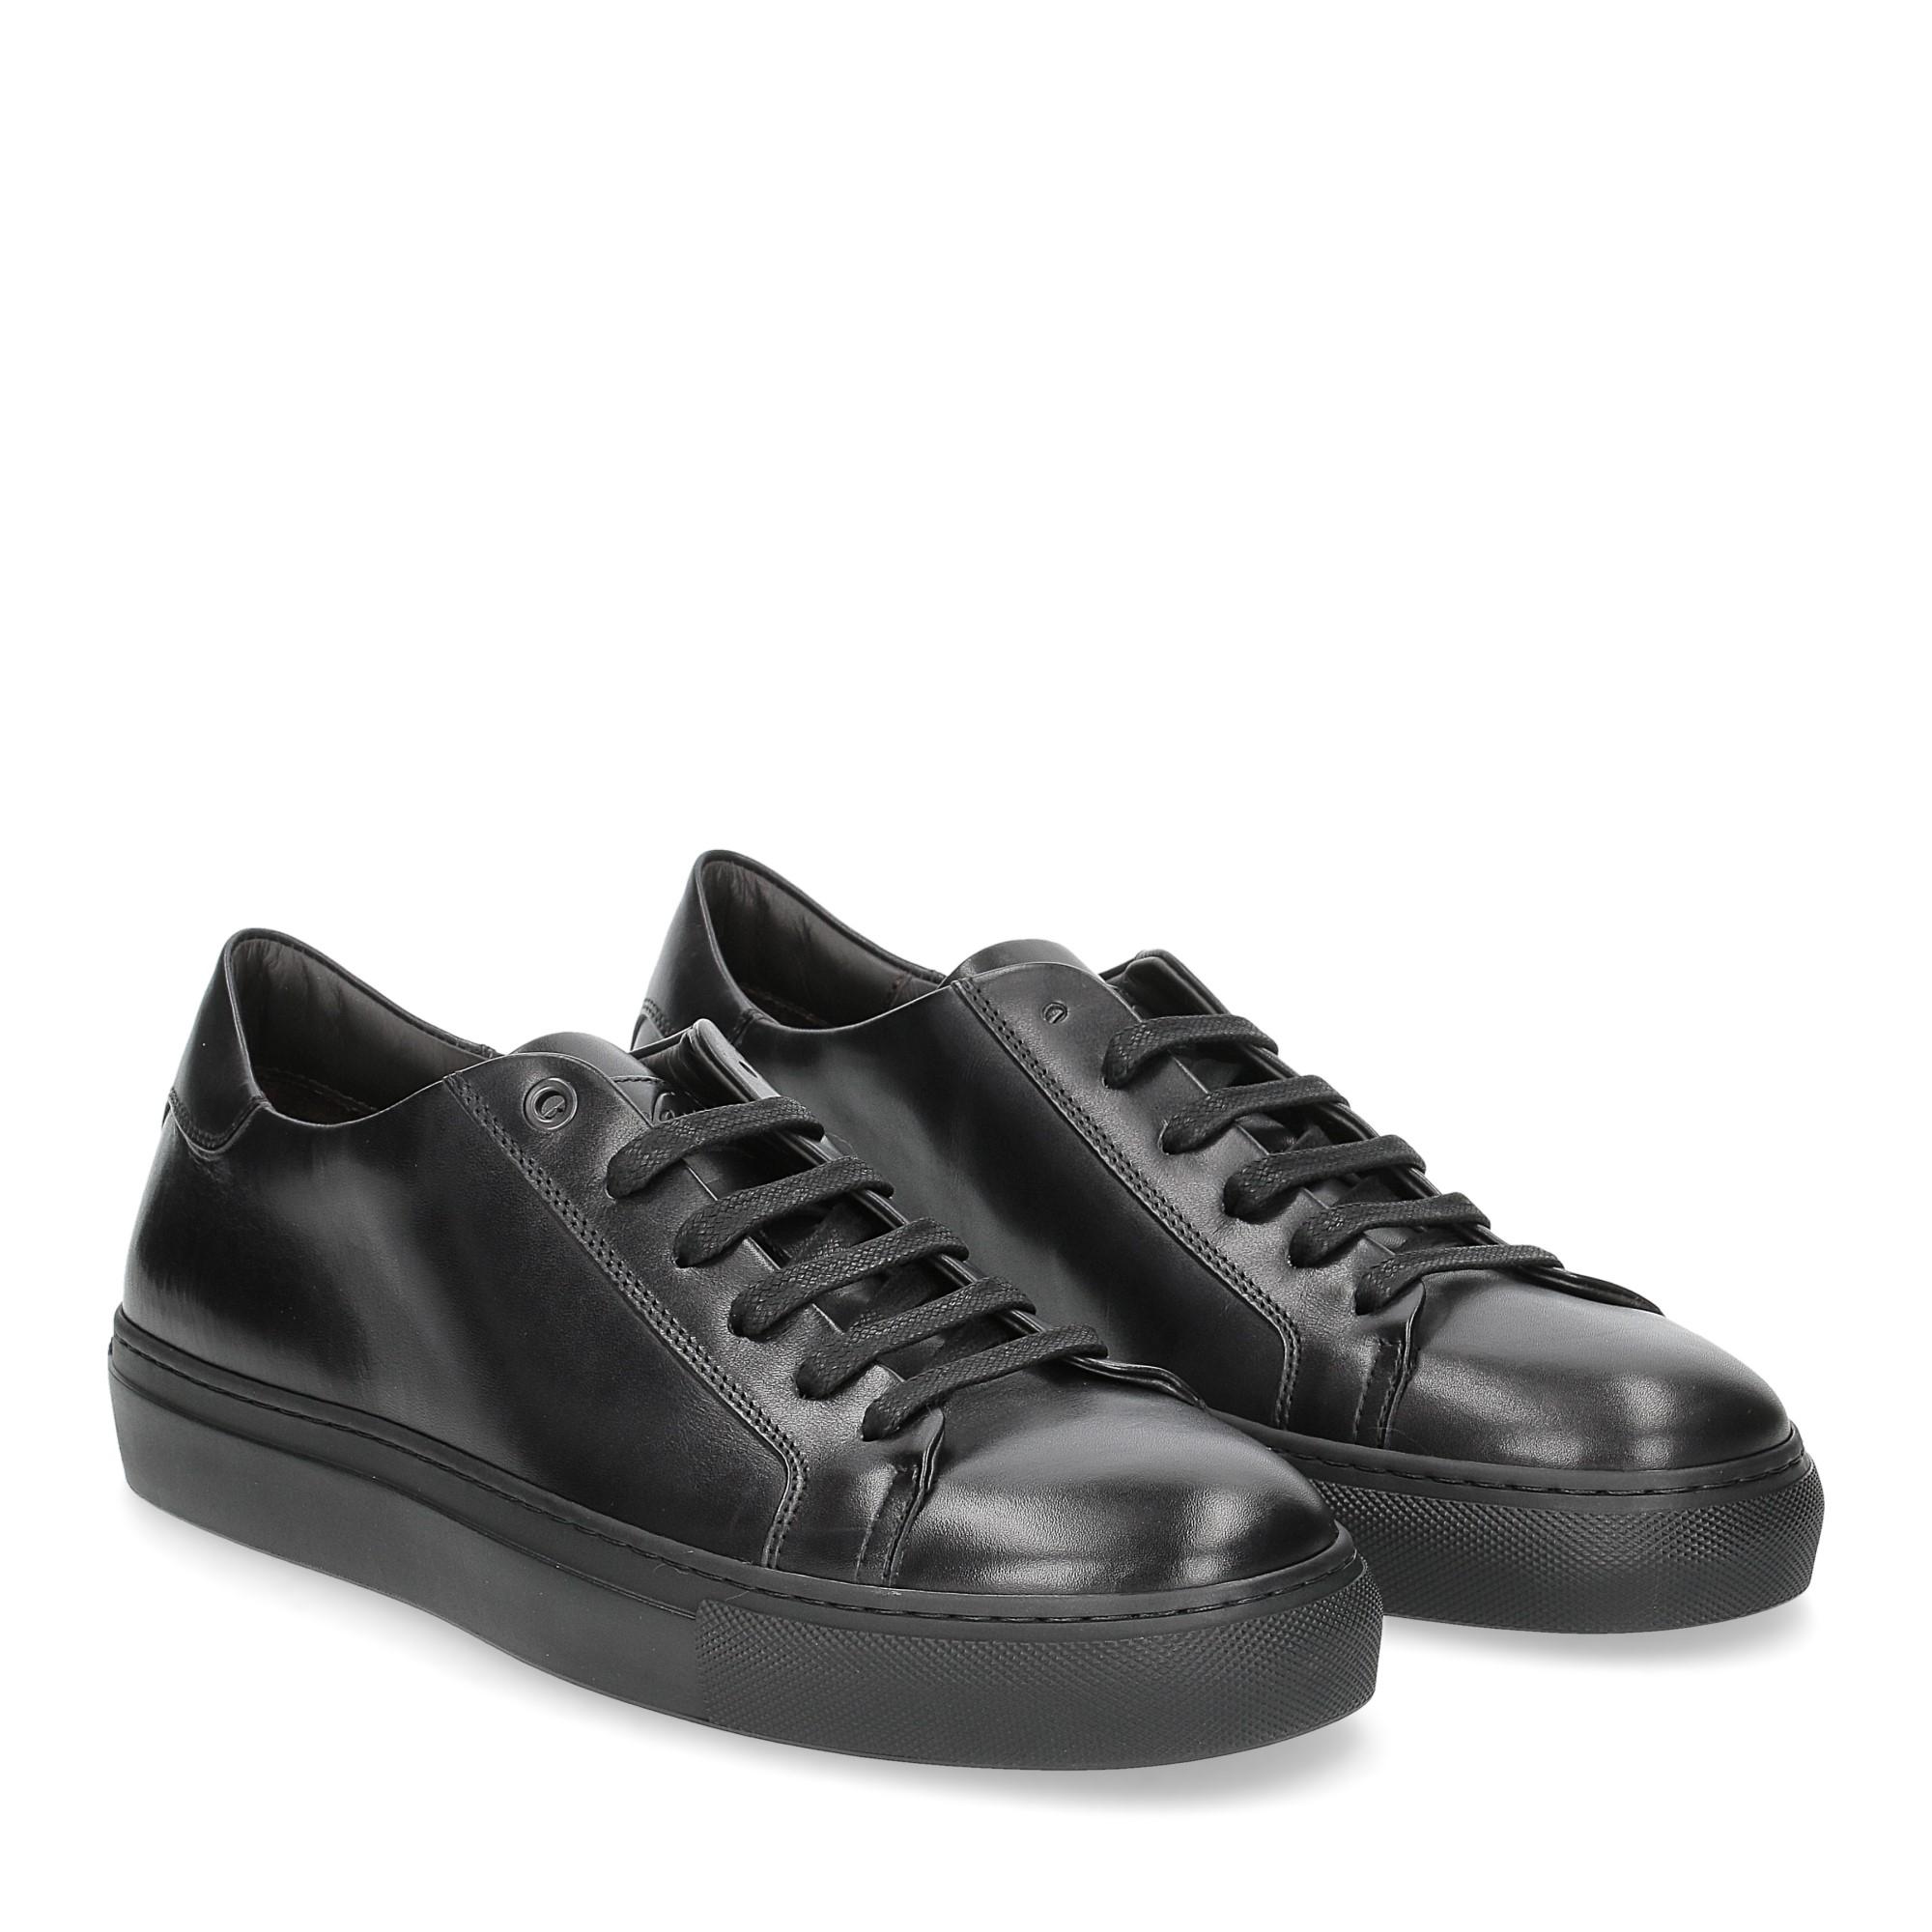 Corvari sneaker 1215 pelle nera